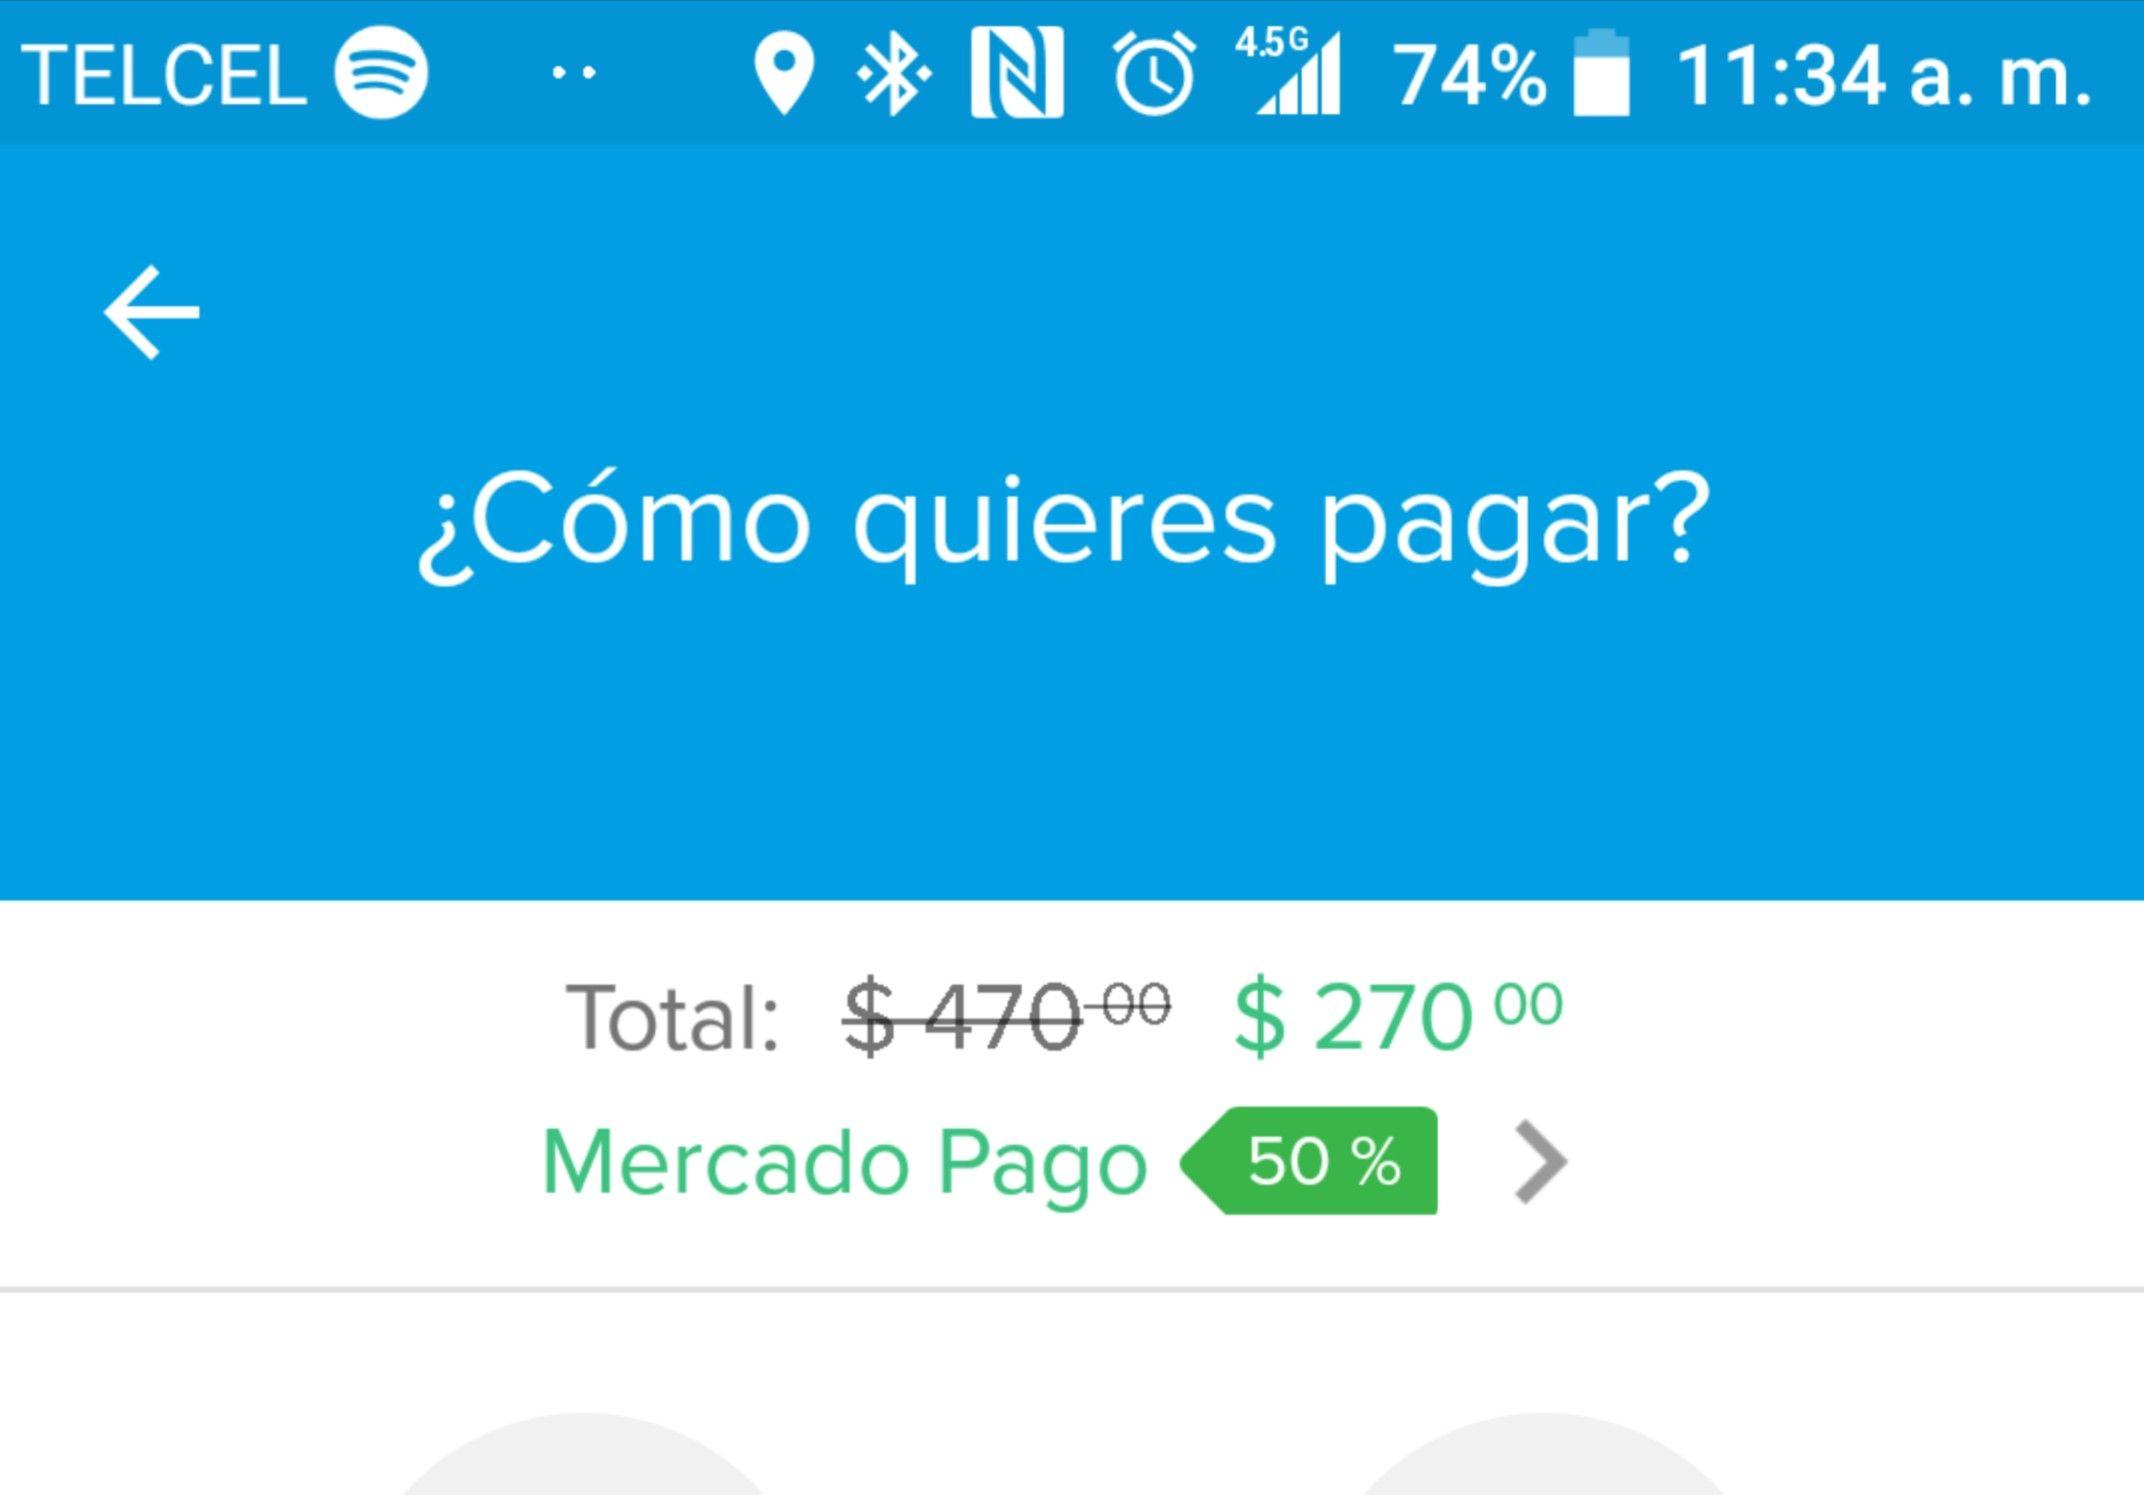 Mercado Pago App: descuento del 50% pagando servicios de nuevo